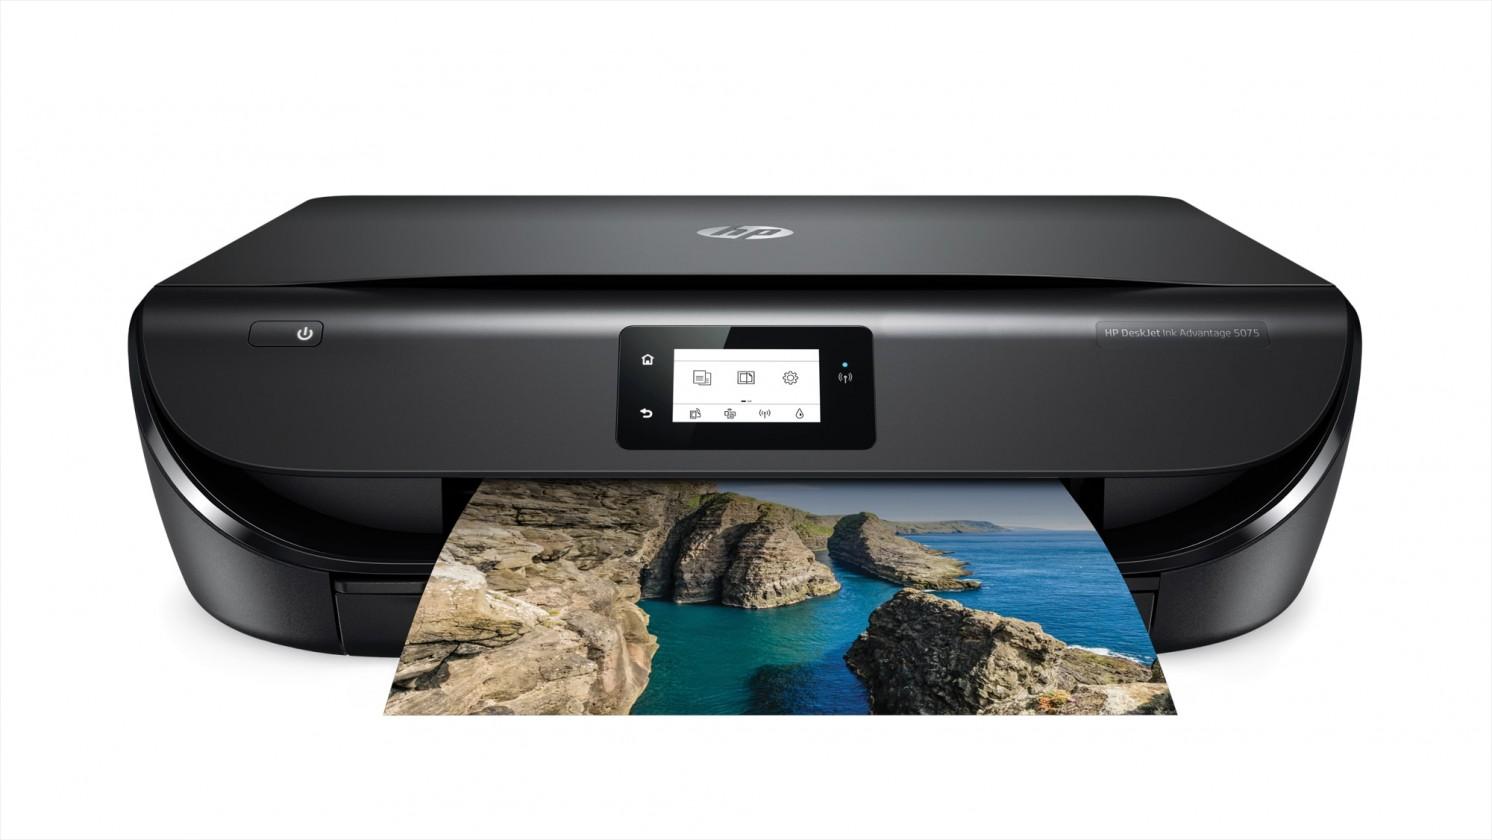 Inkoustová tiskárna Multifunkční inkoustová tiskárna HP, barevná, WiFi